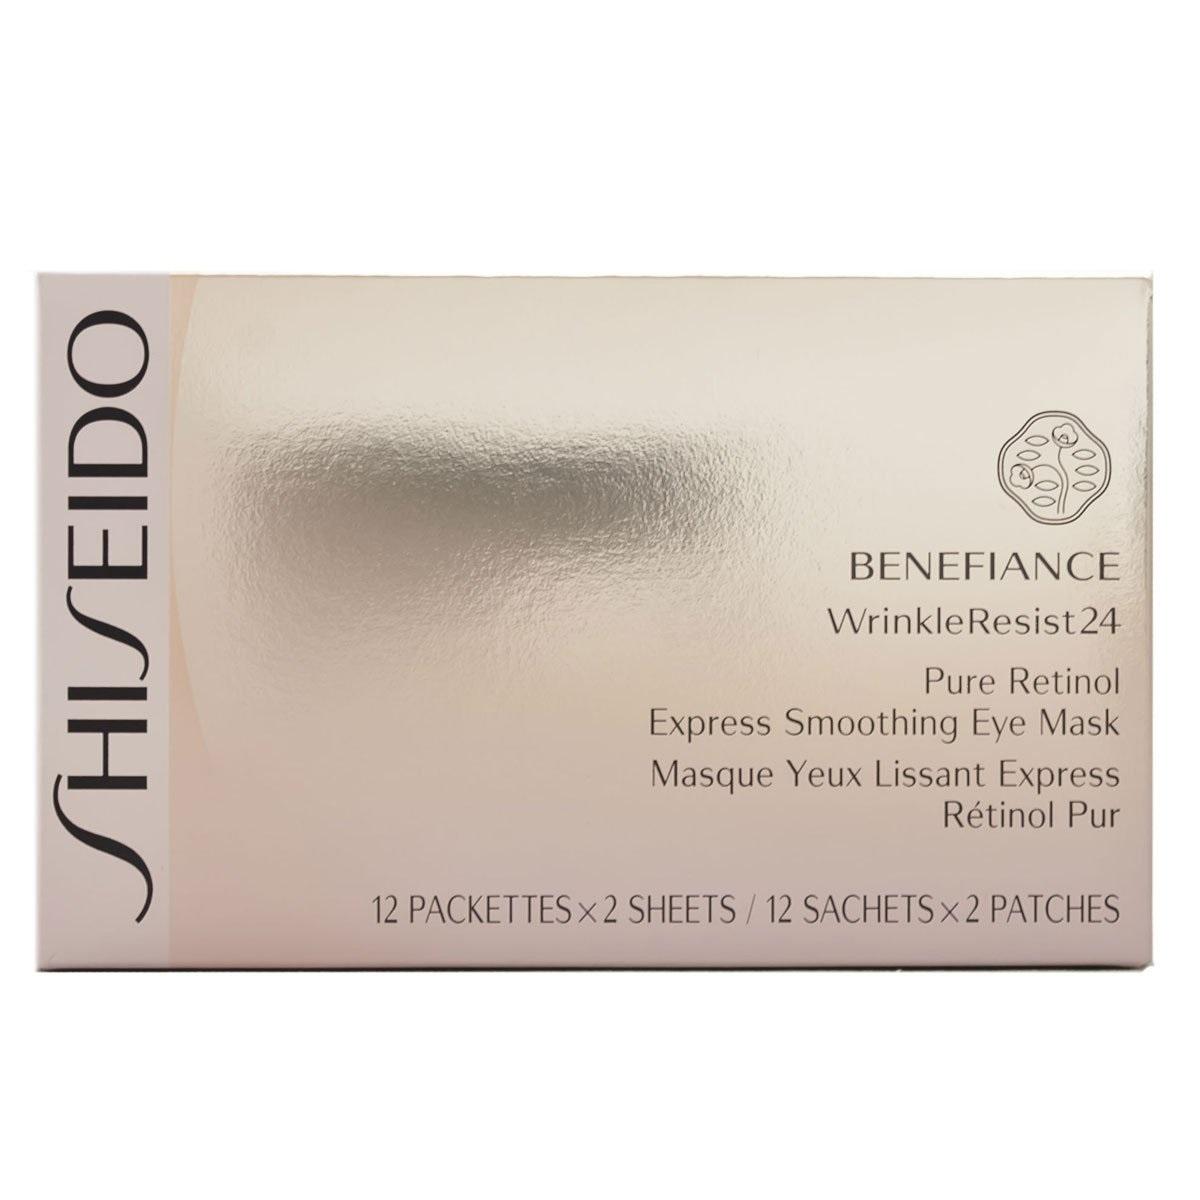 Shiseido 资生堂 盼丽风姿24小时抗皱眼膜 12对